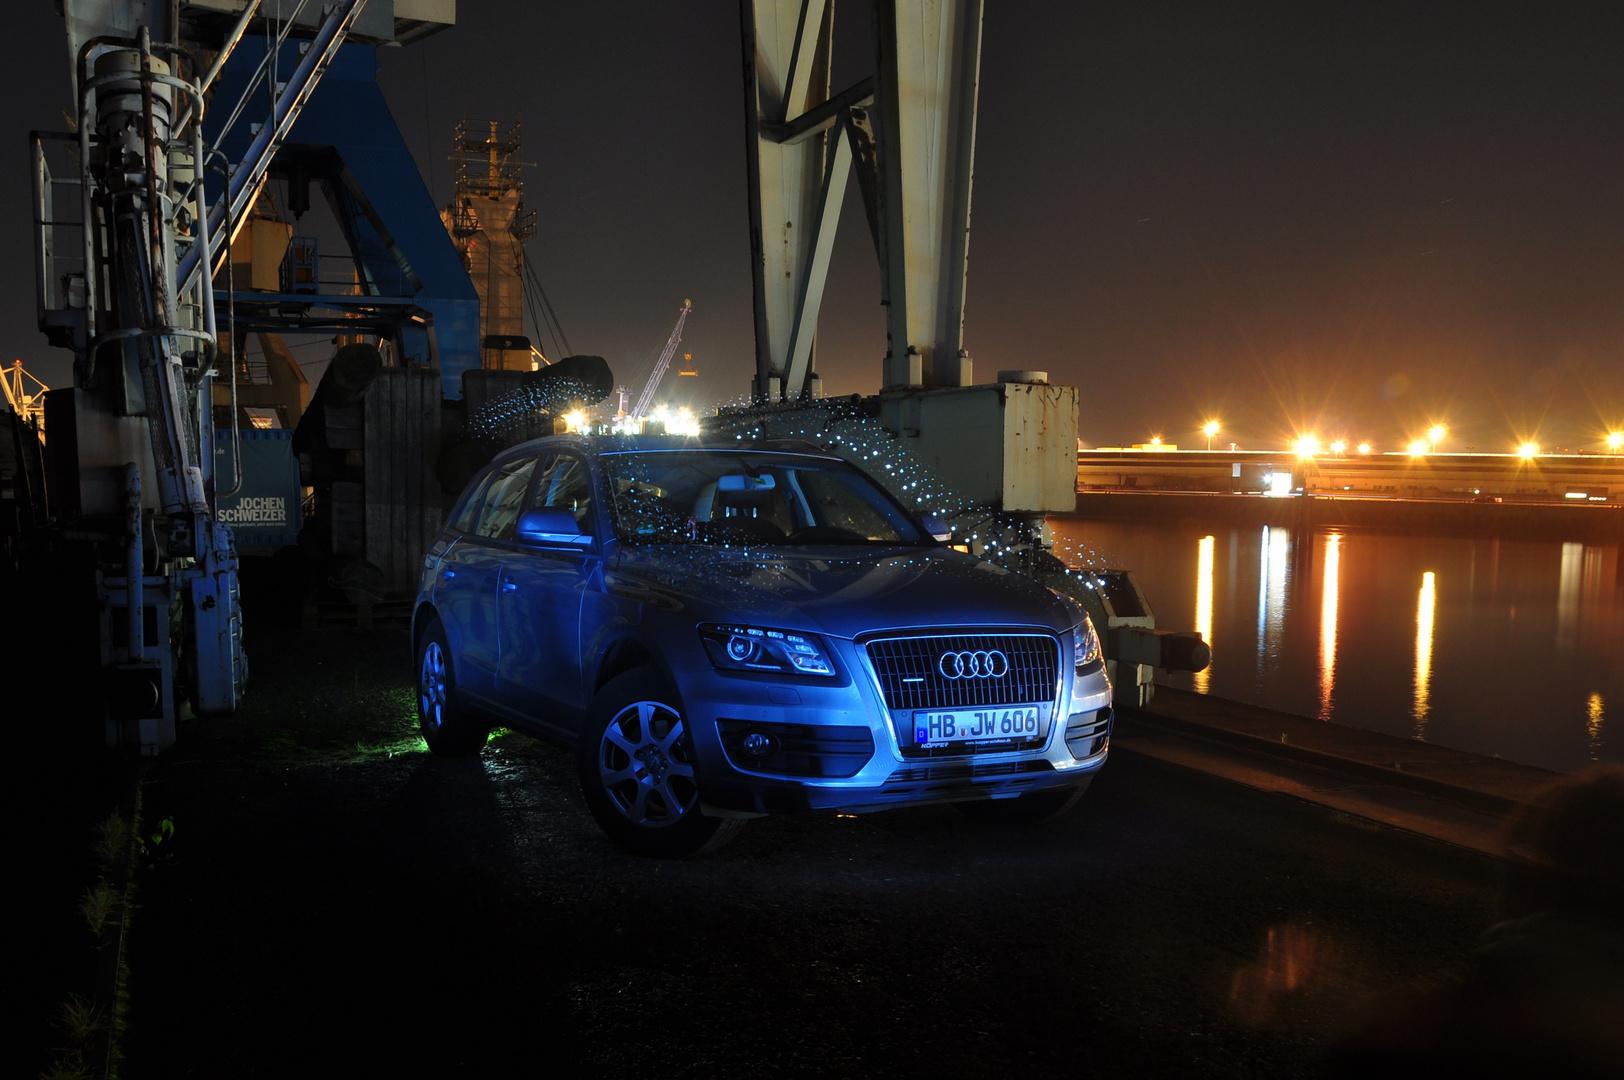 Model aus Blech im Hamburger Hafen mit Lichtpunkten im Strömungsprofil